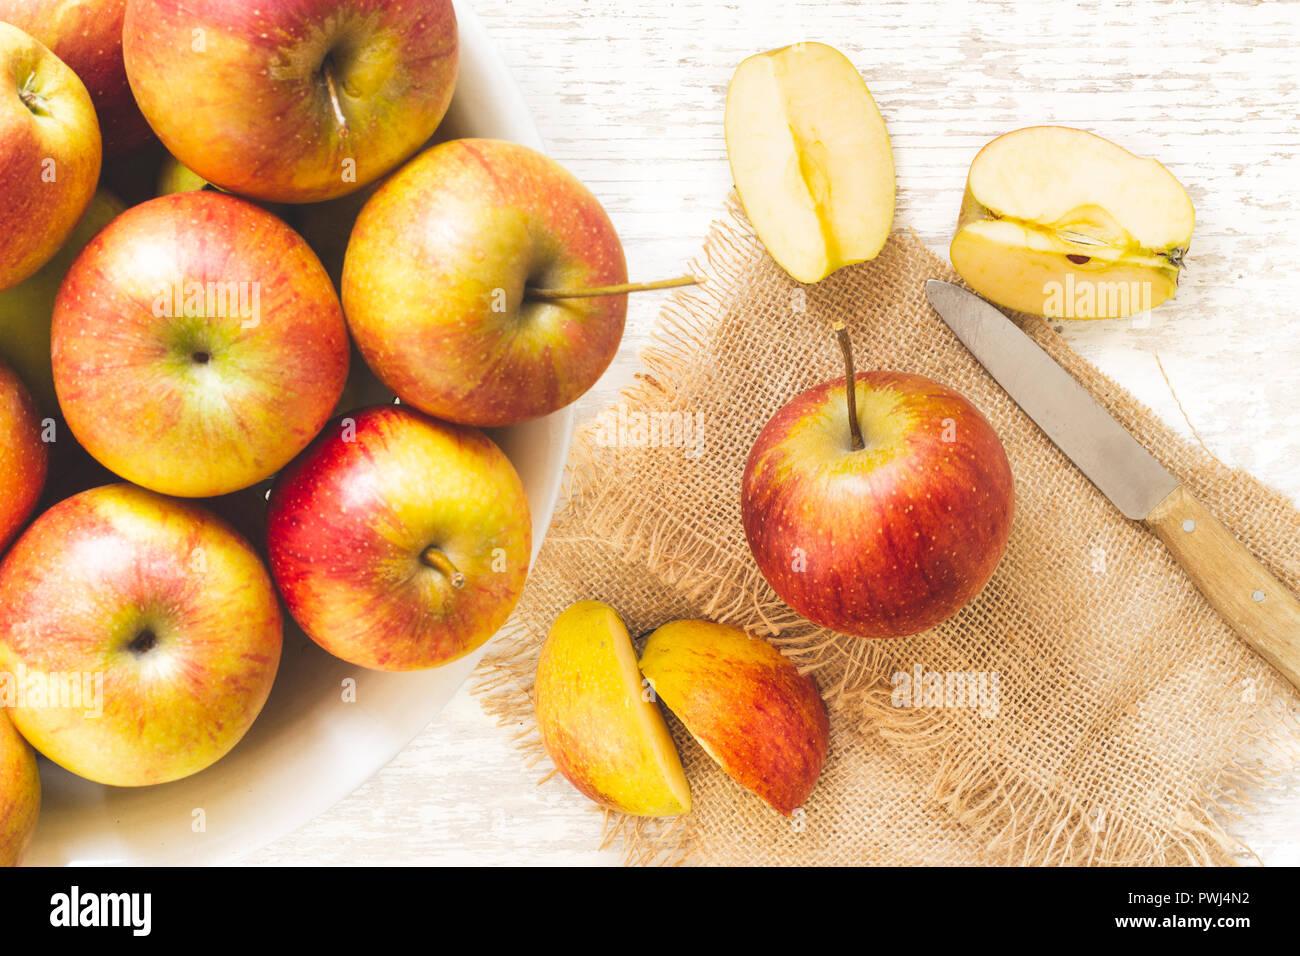 Apfel geschnitten auf weißen Holzuntergrund - Stock Image